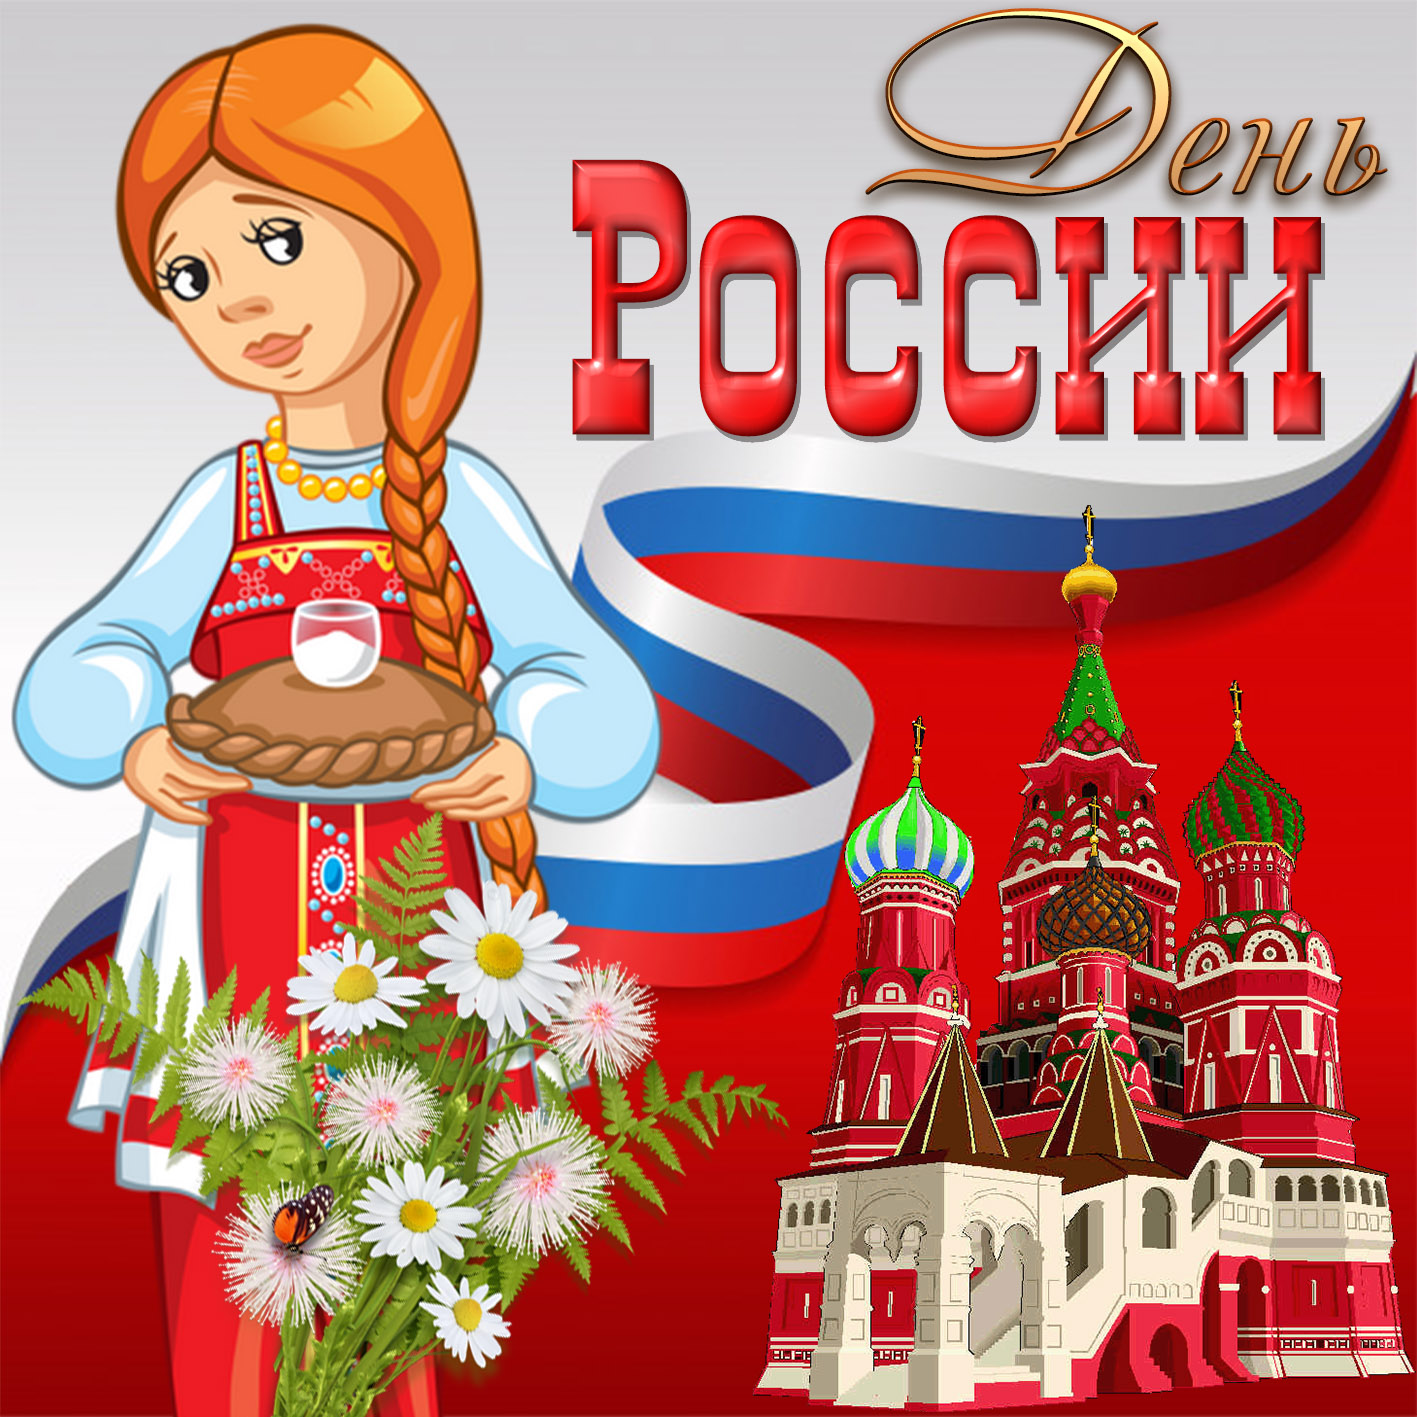 приурочены местообитаниям, день россии картинки красивые владельцы квартир